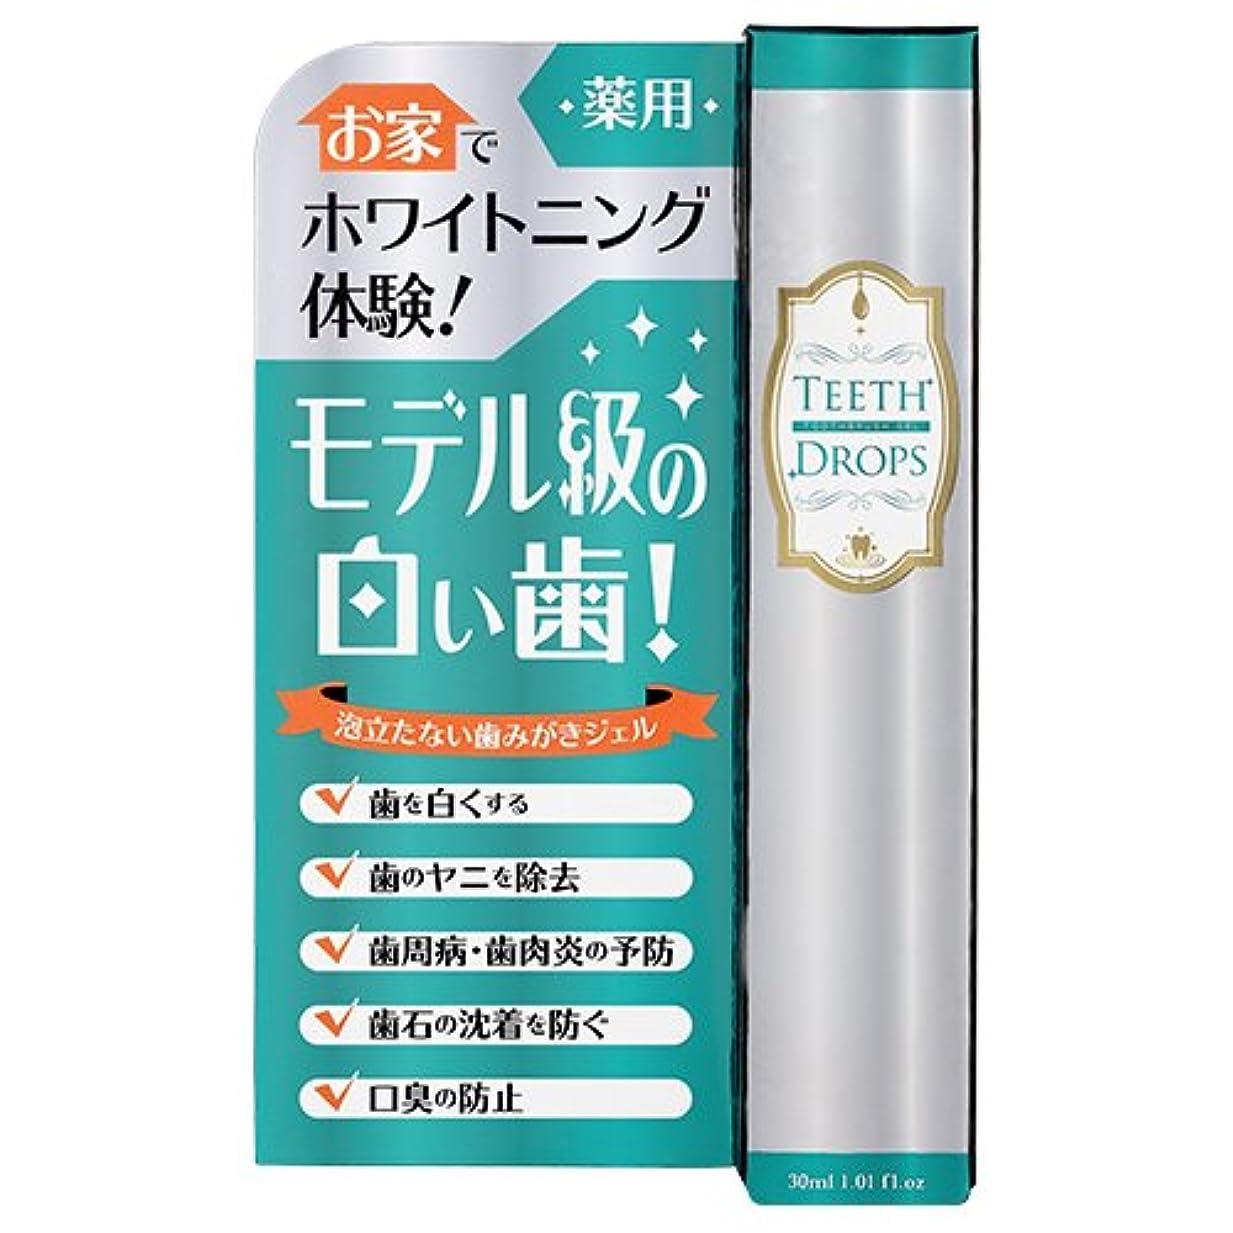 鉛筆ミサイルジャーナルティースドロップ(薬用歯磨き)